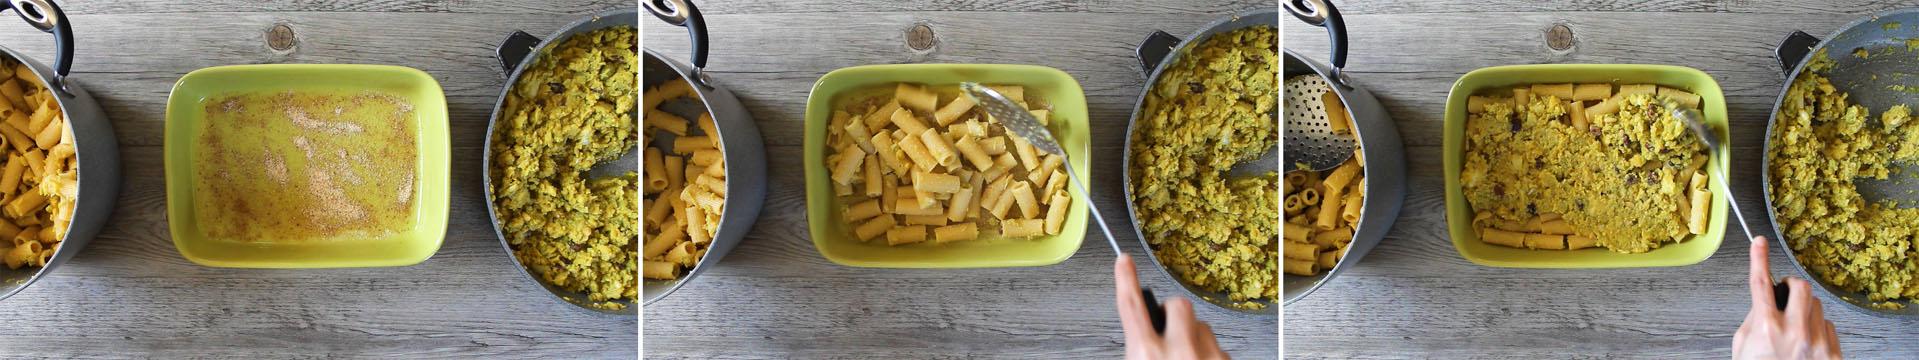 preparazione pasta broccoli arriminati